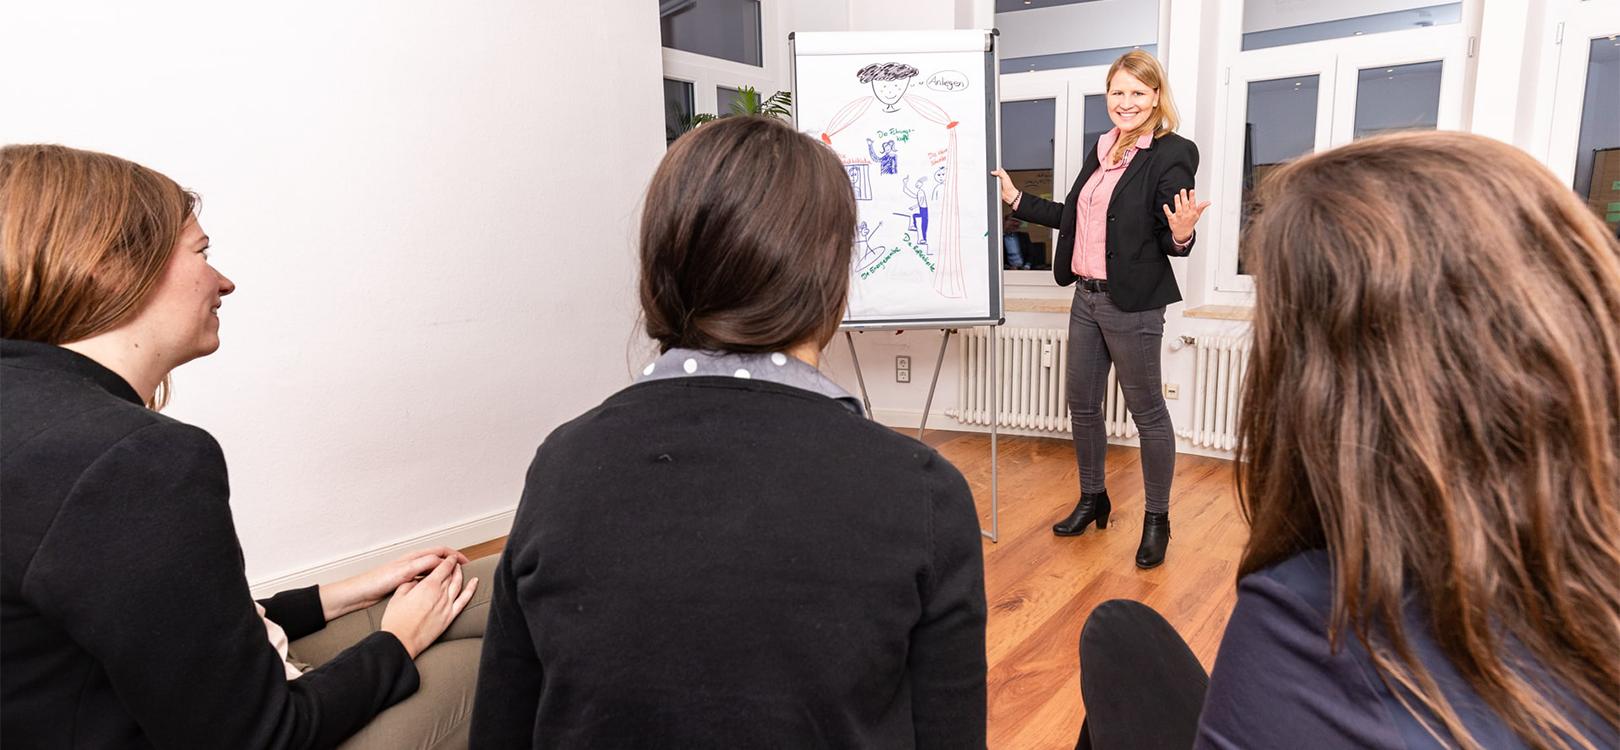 Kerstin Kargh zeigt gerade Input auf einem Flipchart zu Zeit- & Selbstmanagement